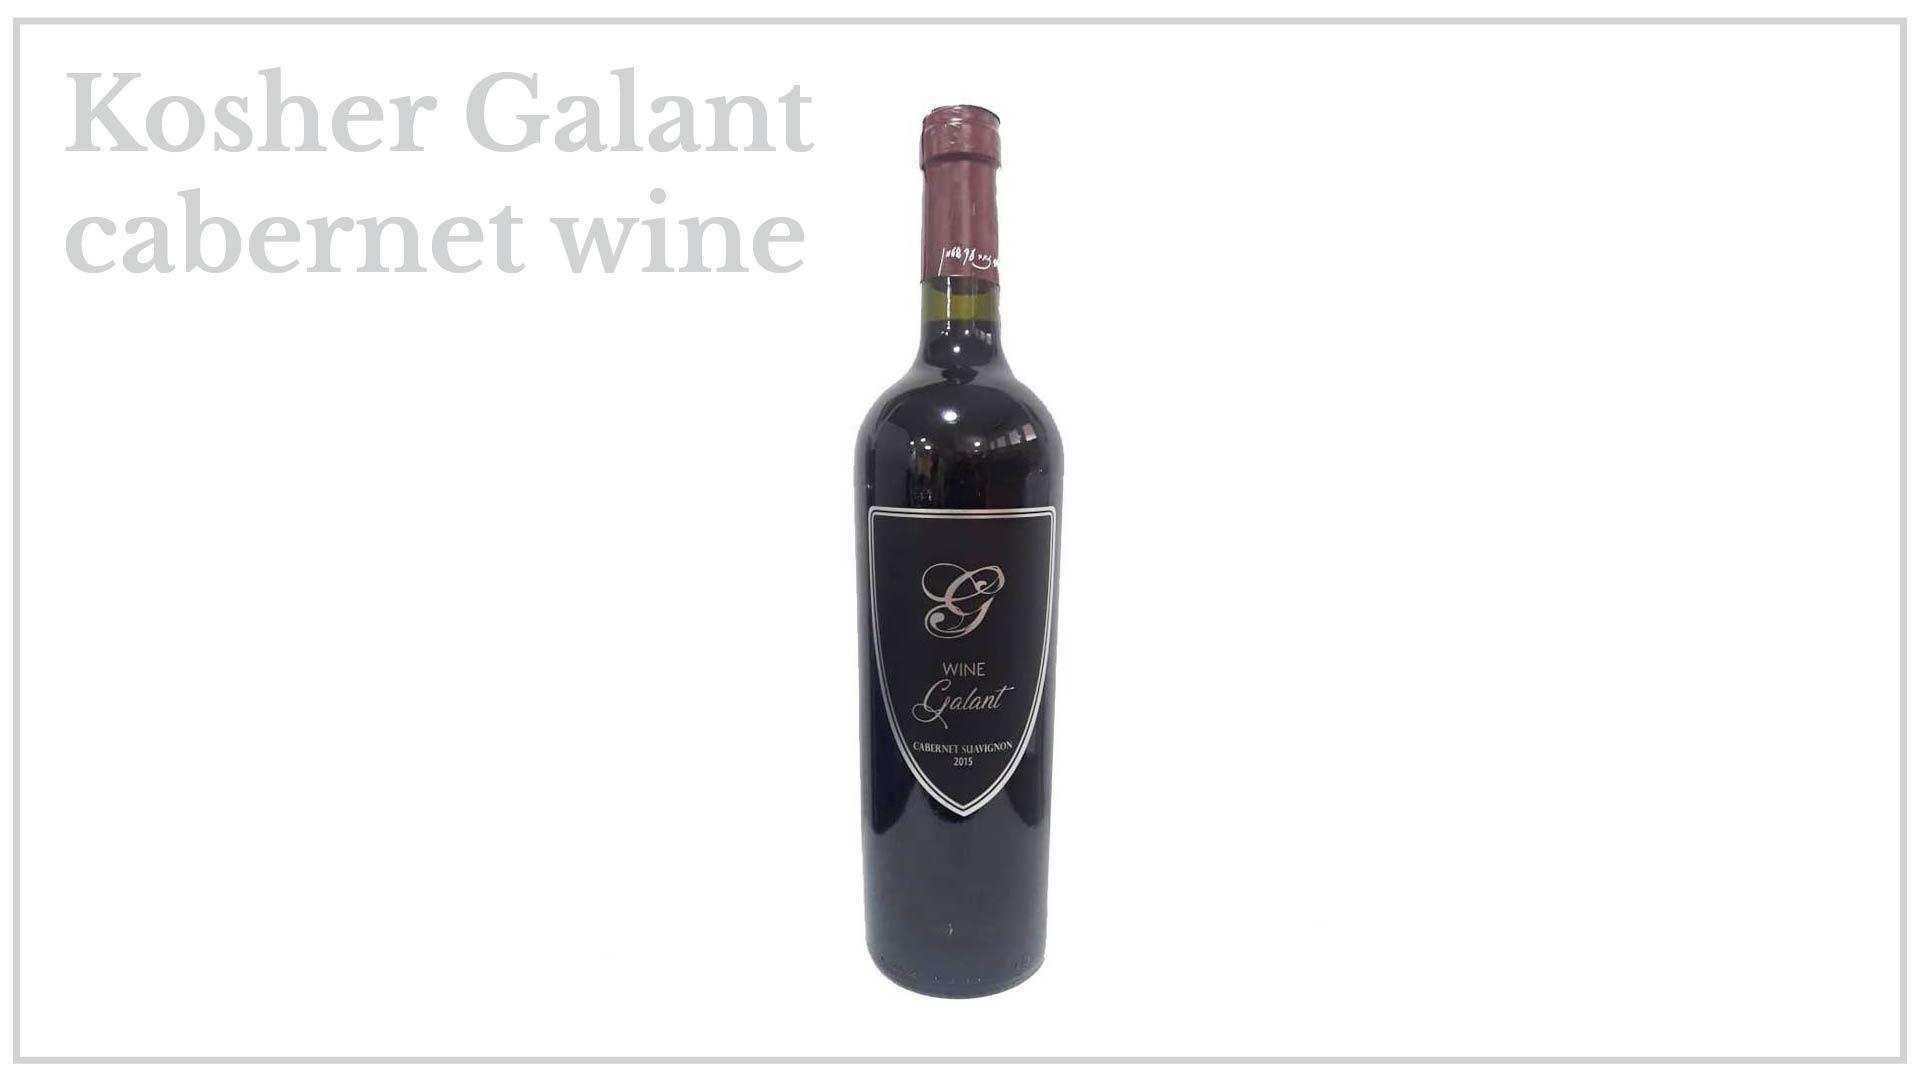 Kosher Galant - cabernet wine